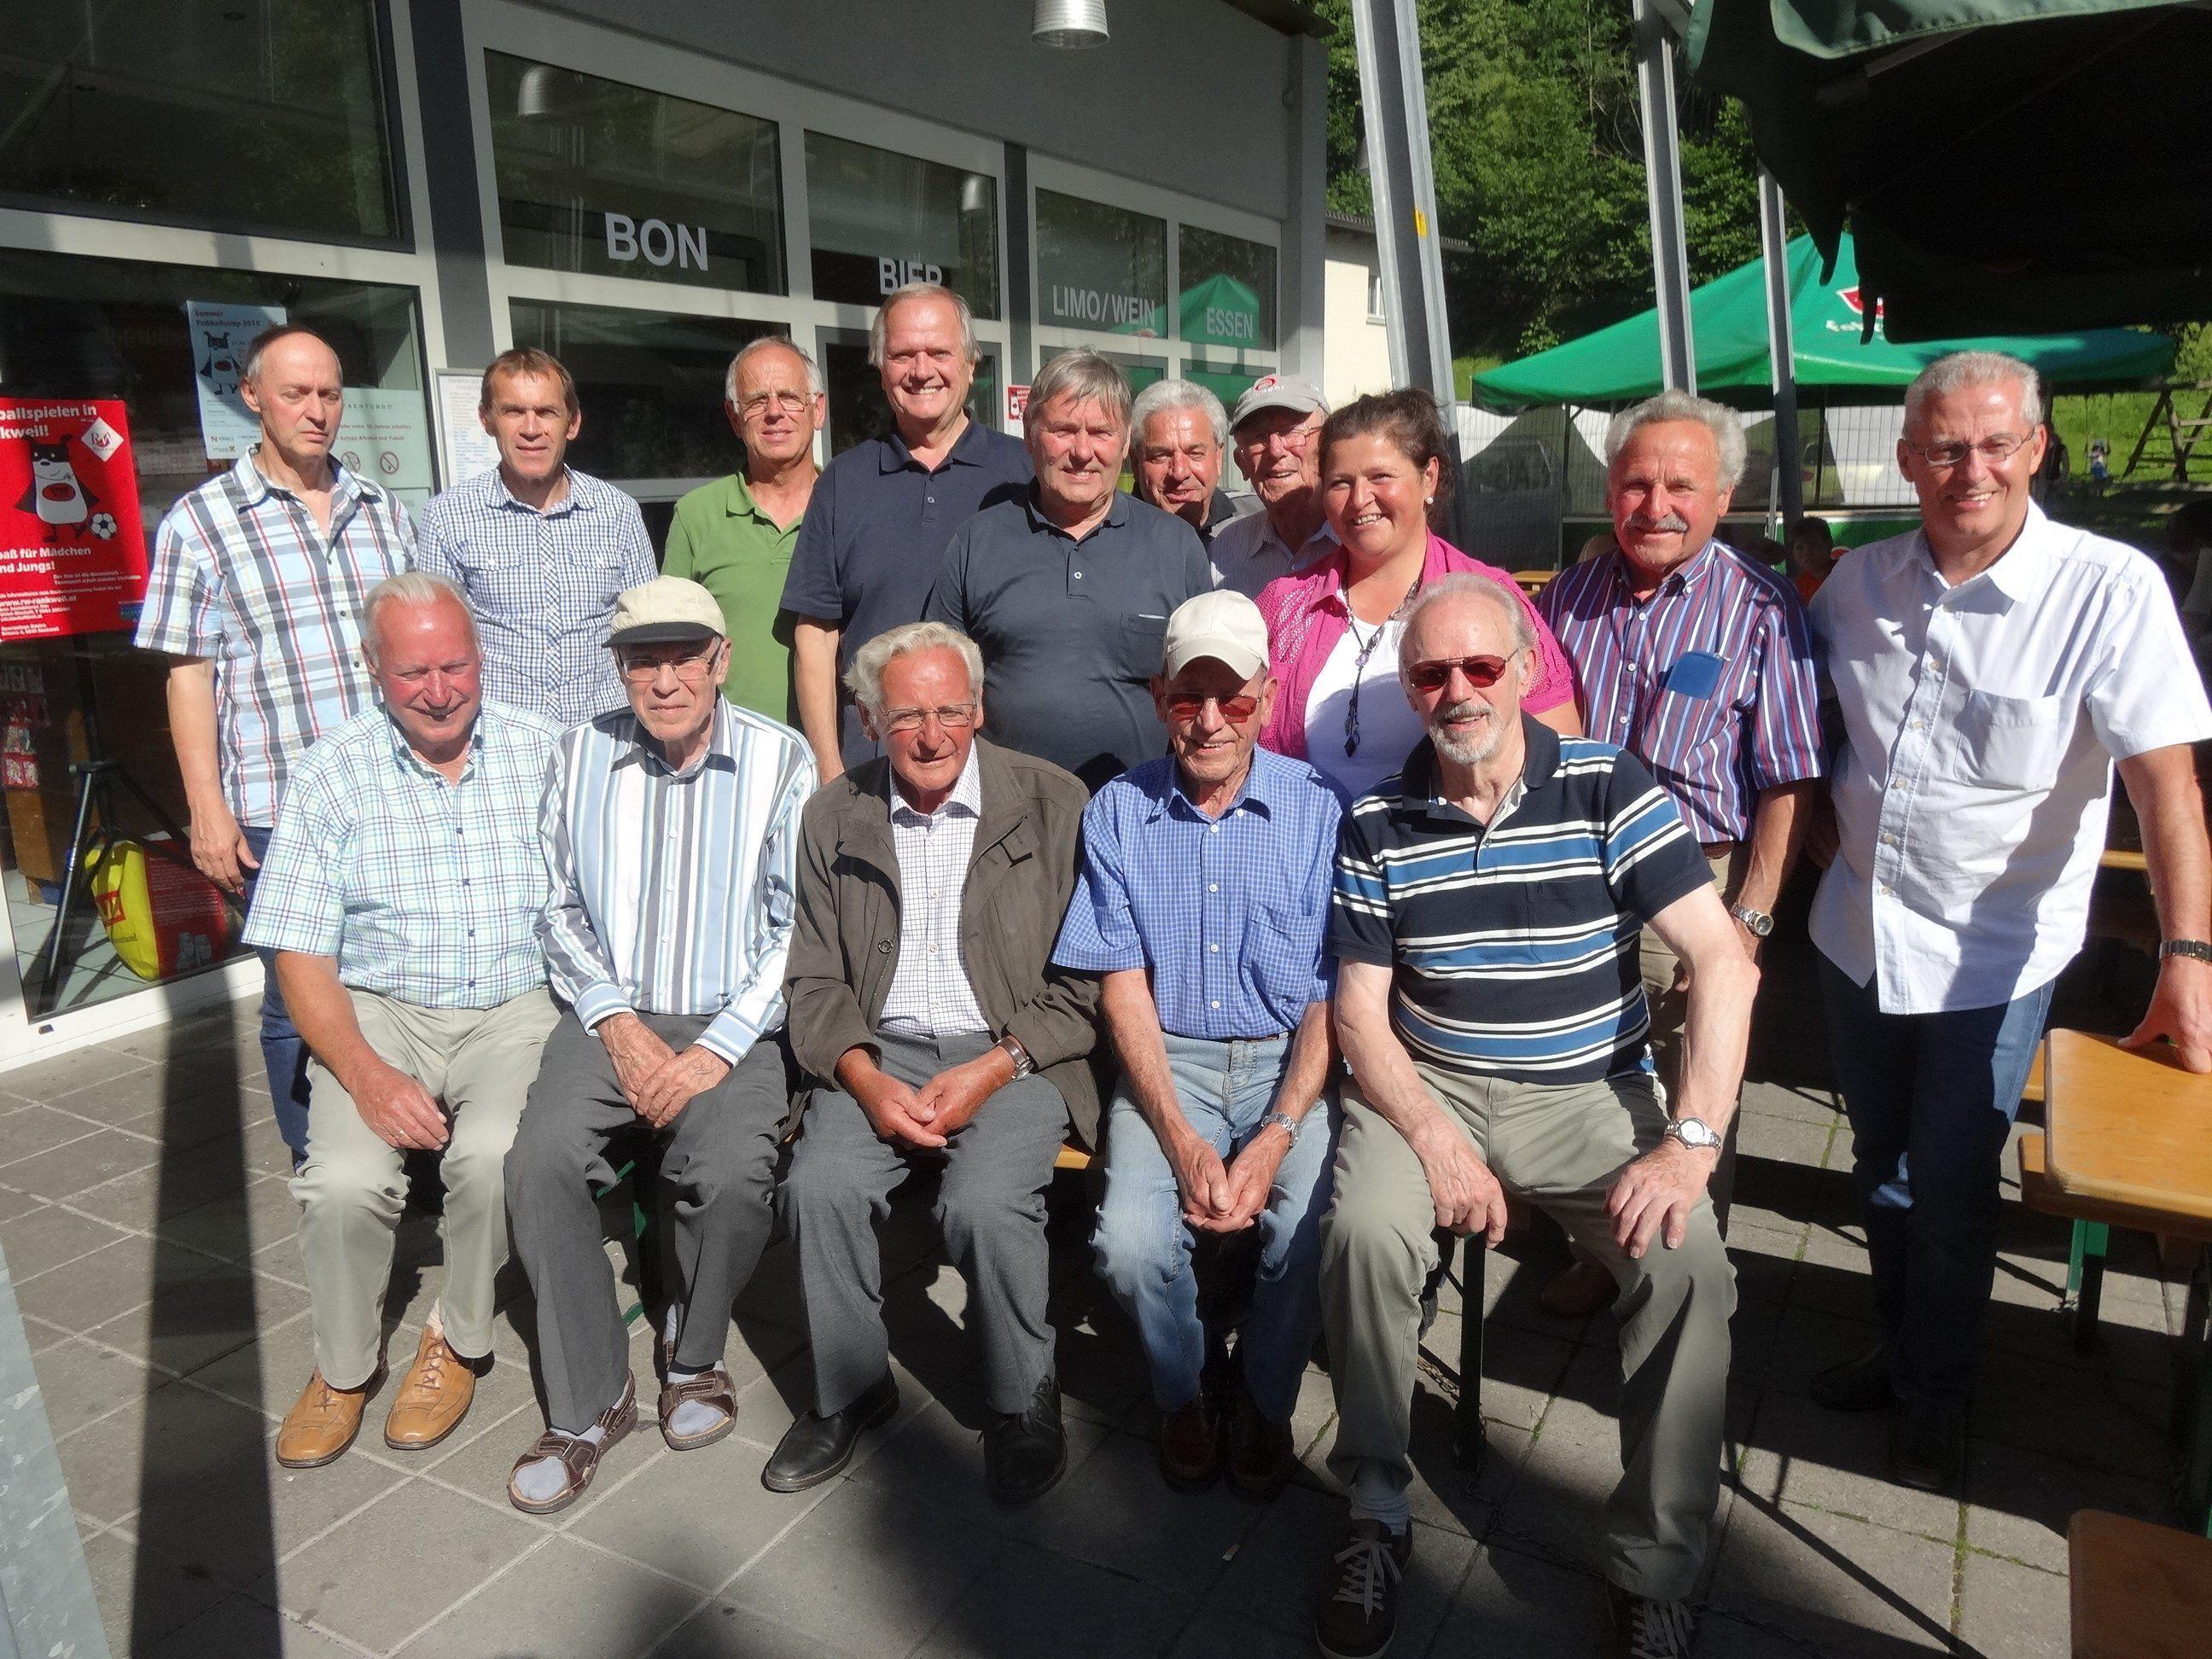 Ehrenmitglied Alwin Scheidbach hat seine Ehrenmitglied-Musikkameraden zu einem gemütlichen Hock ins Clubheim auf die Gastra eingeladen.